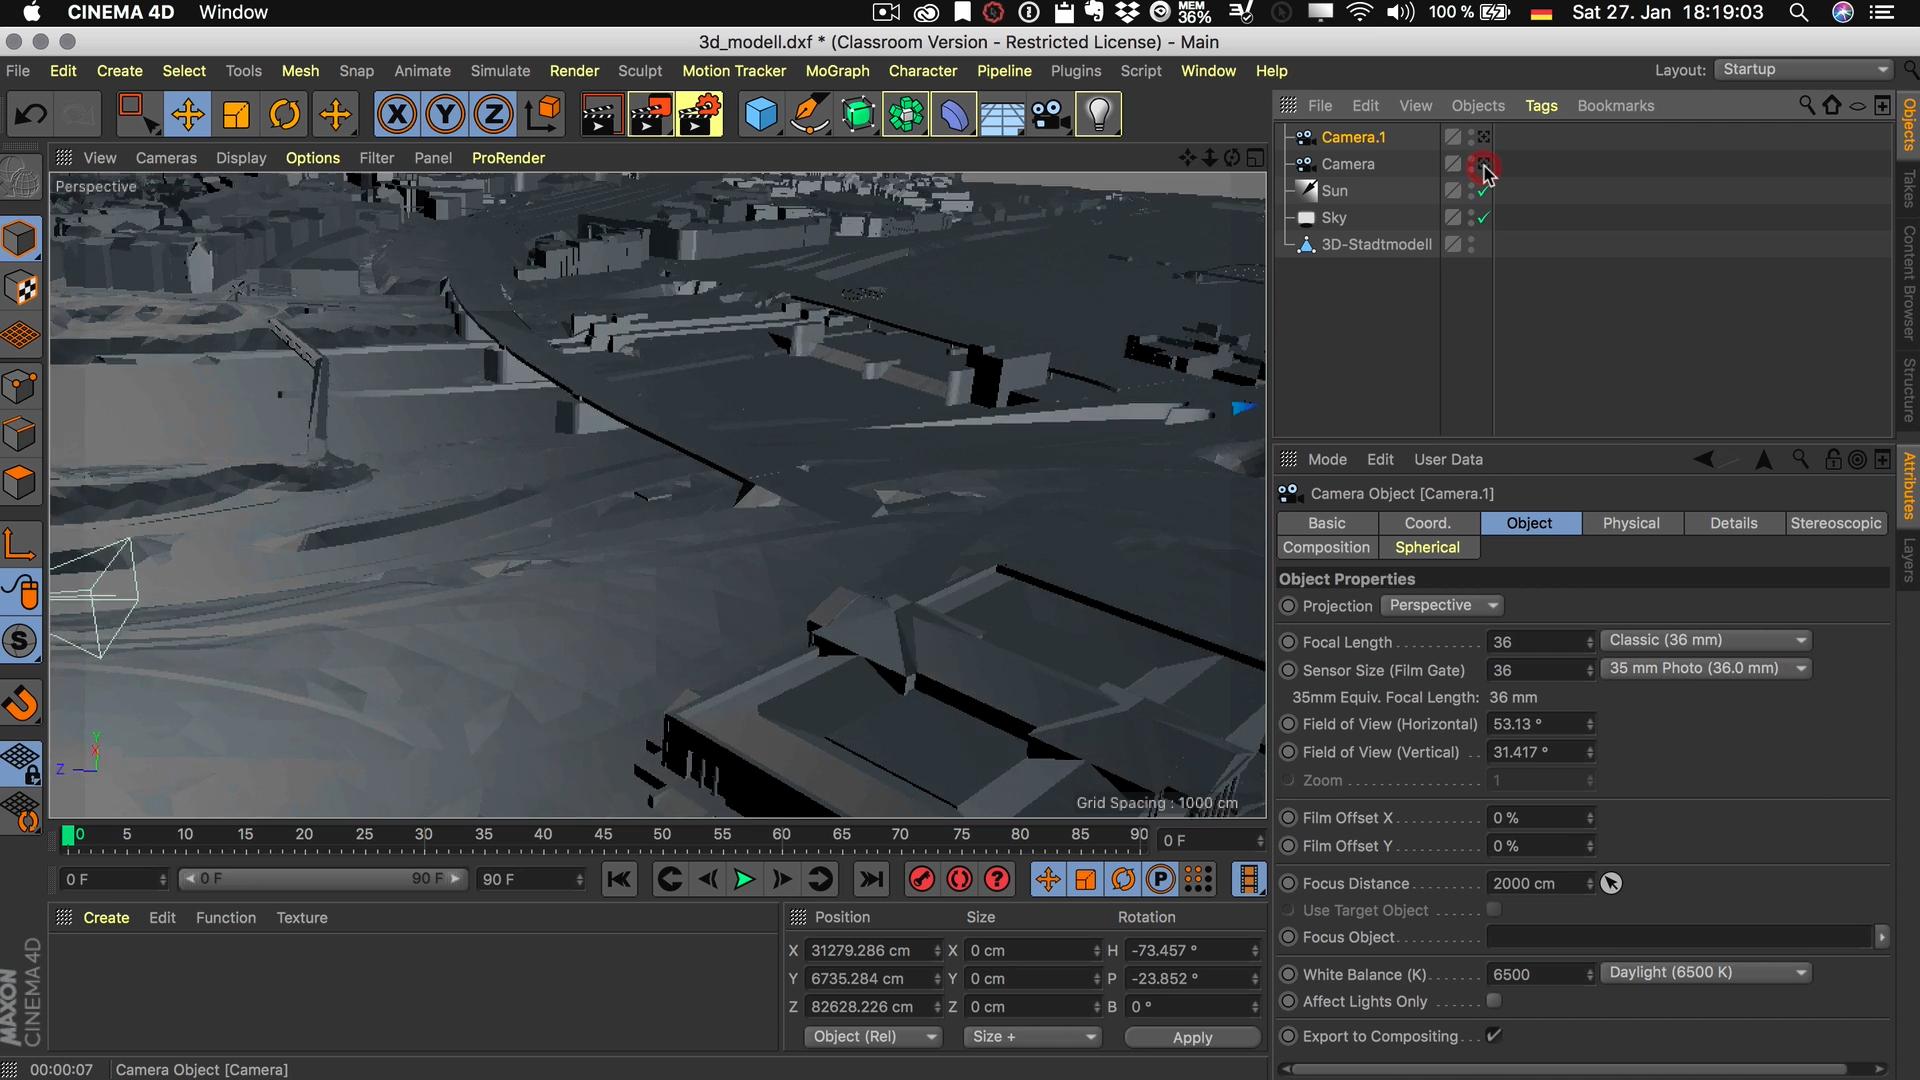 Cinema4D 3D-Stadtmodell Kamera platzieren